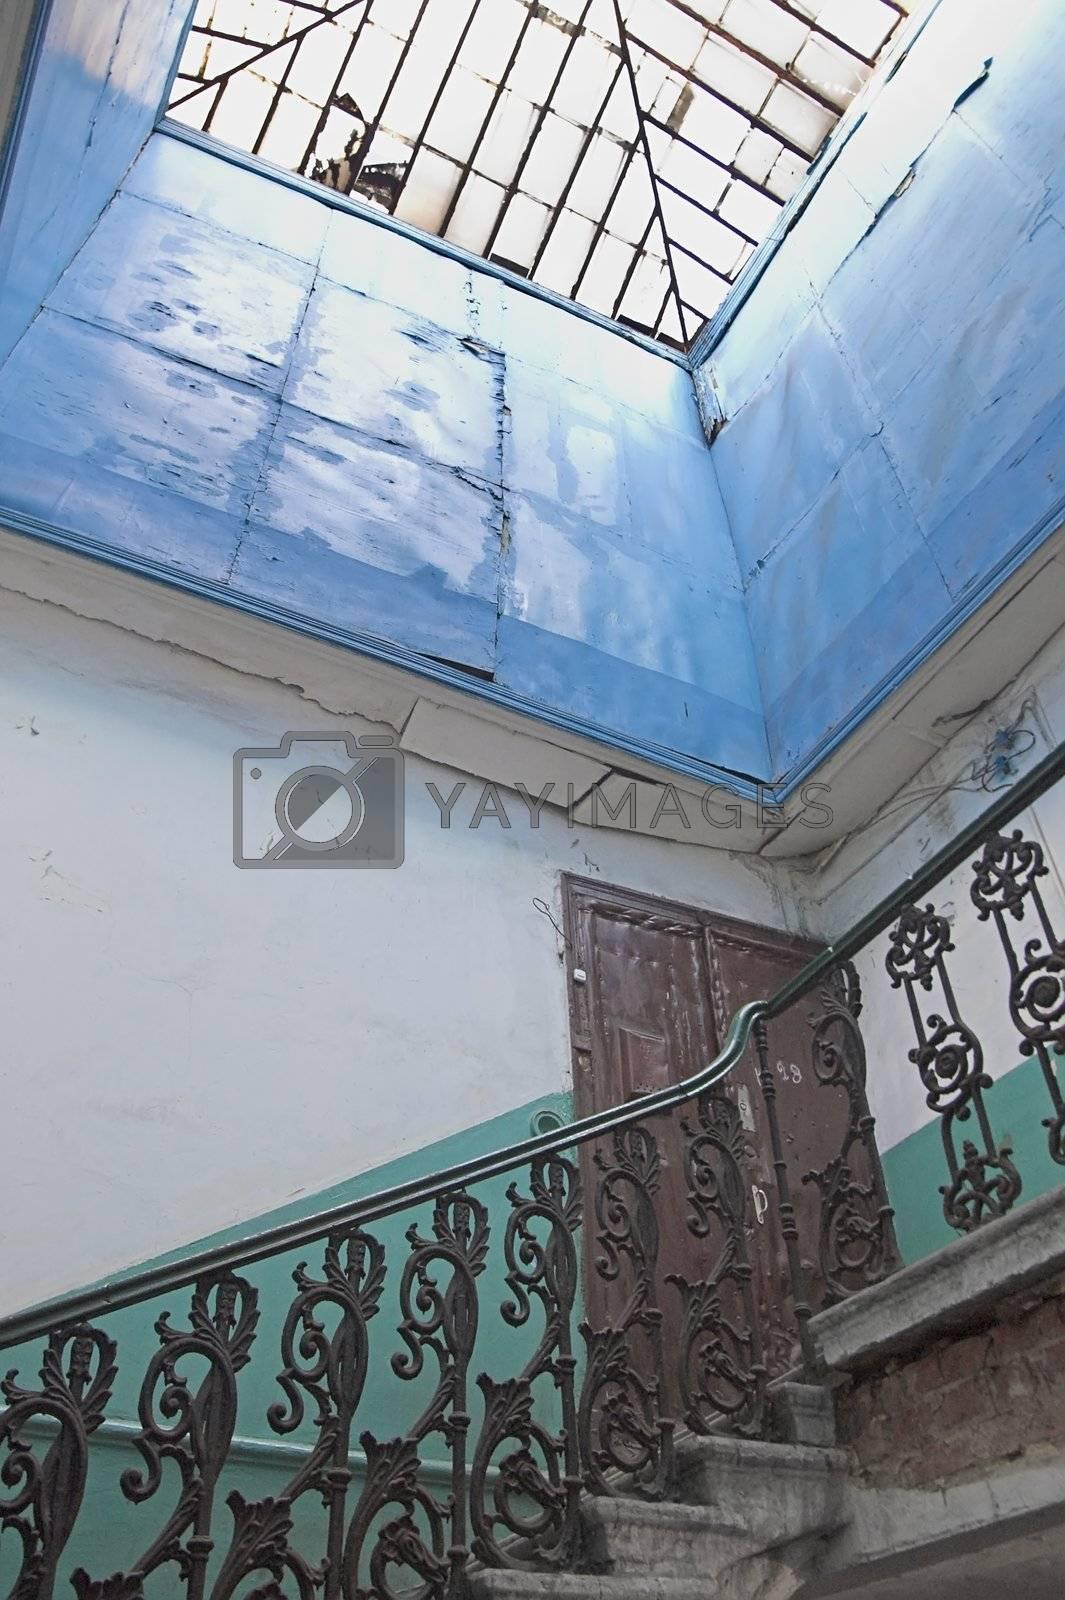 Upper floor in old house with broken glass roof